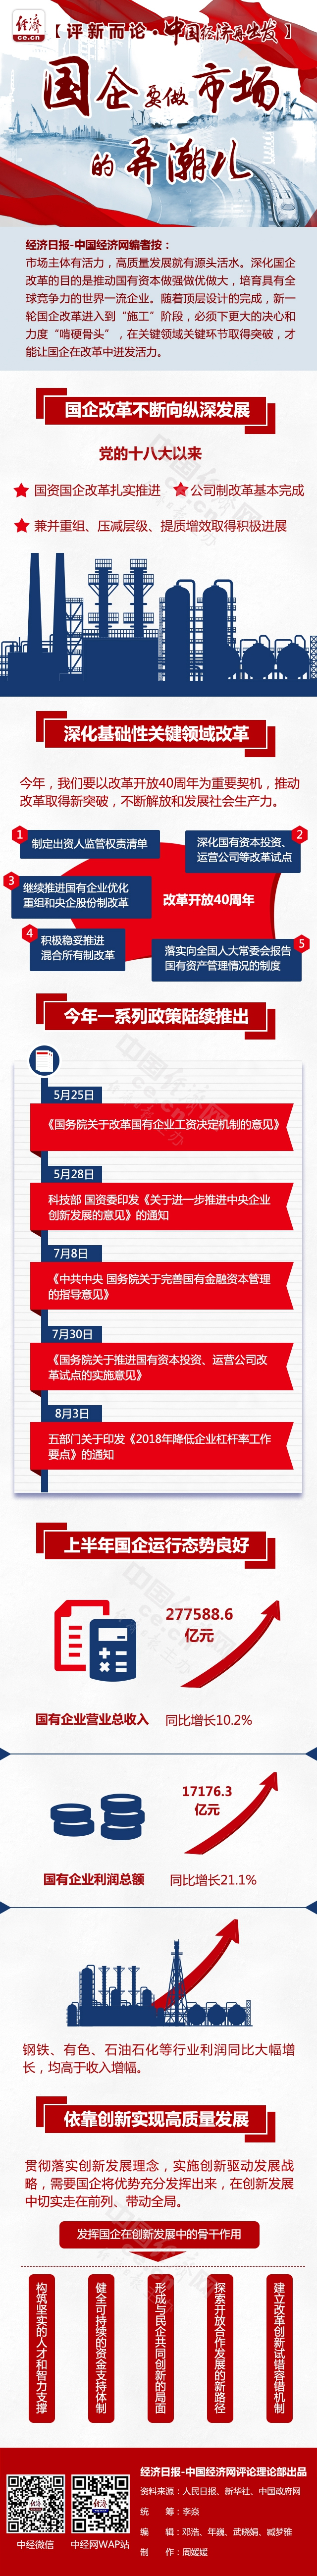 【评新而论·中国经济再出发】图解:国企要做市场的弄潮儿